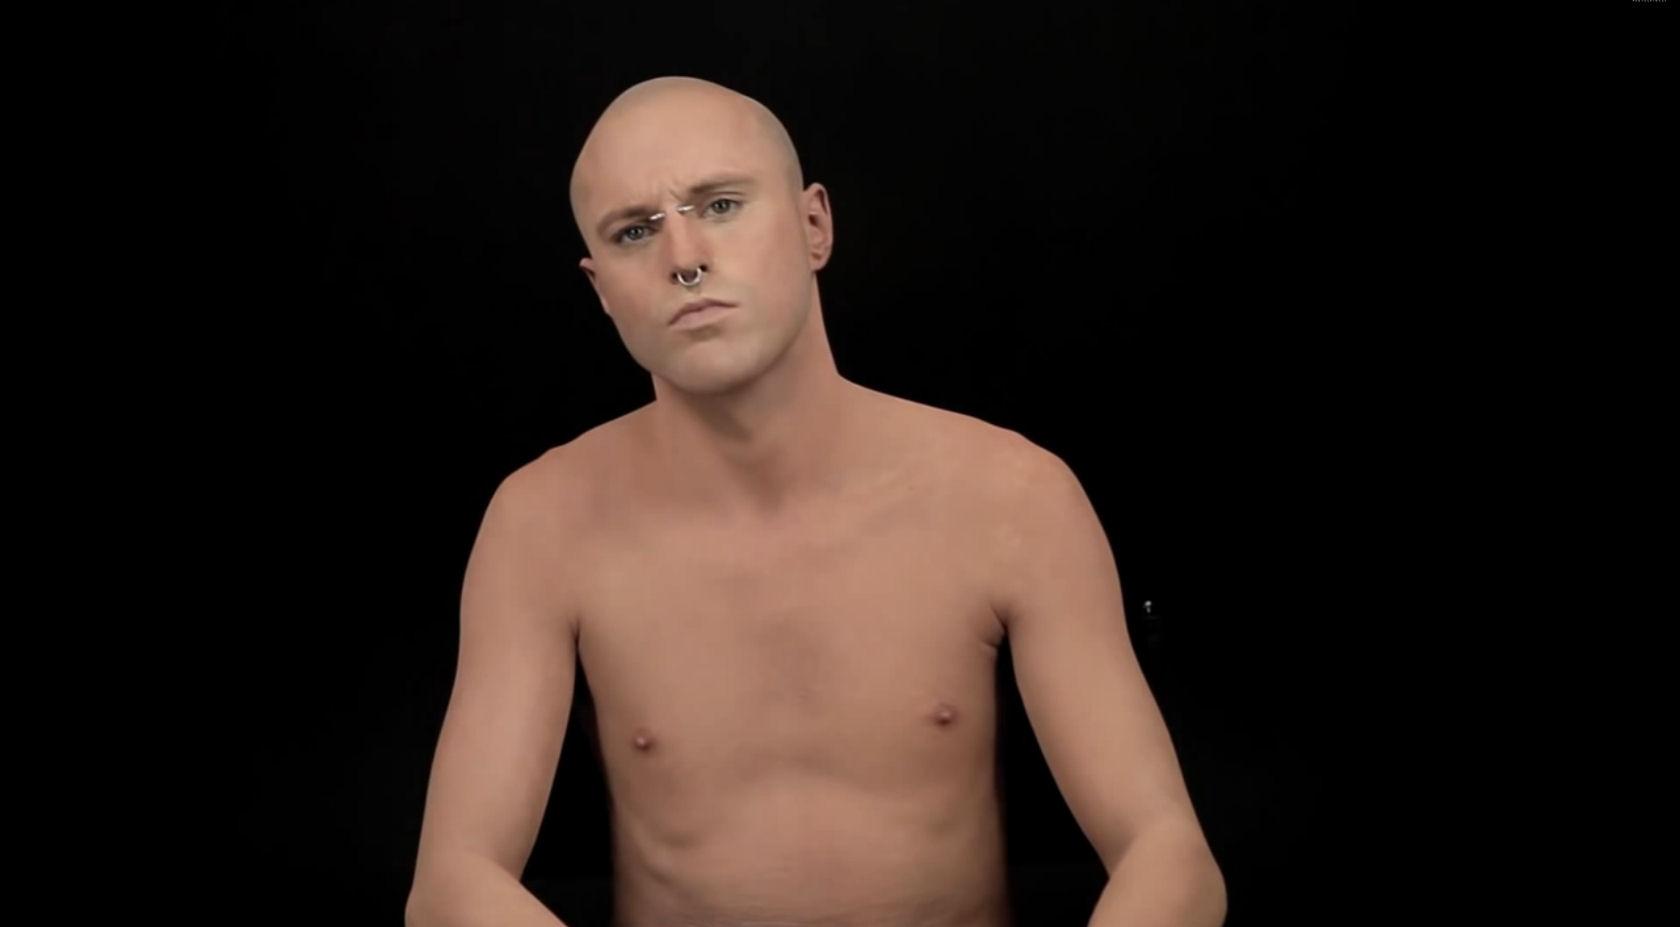 L 39 incroyable transformation de l 39 homme le plus tatou au monde - L homme le plus beau au monde ...